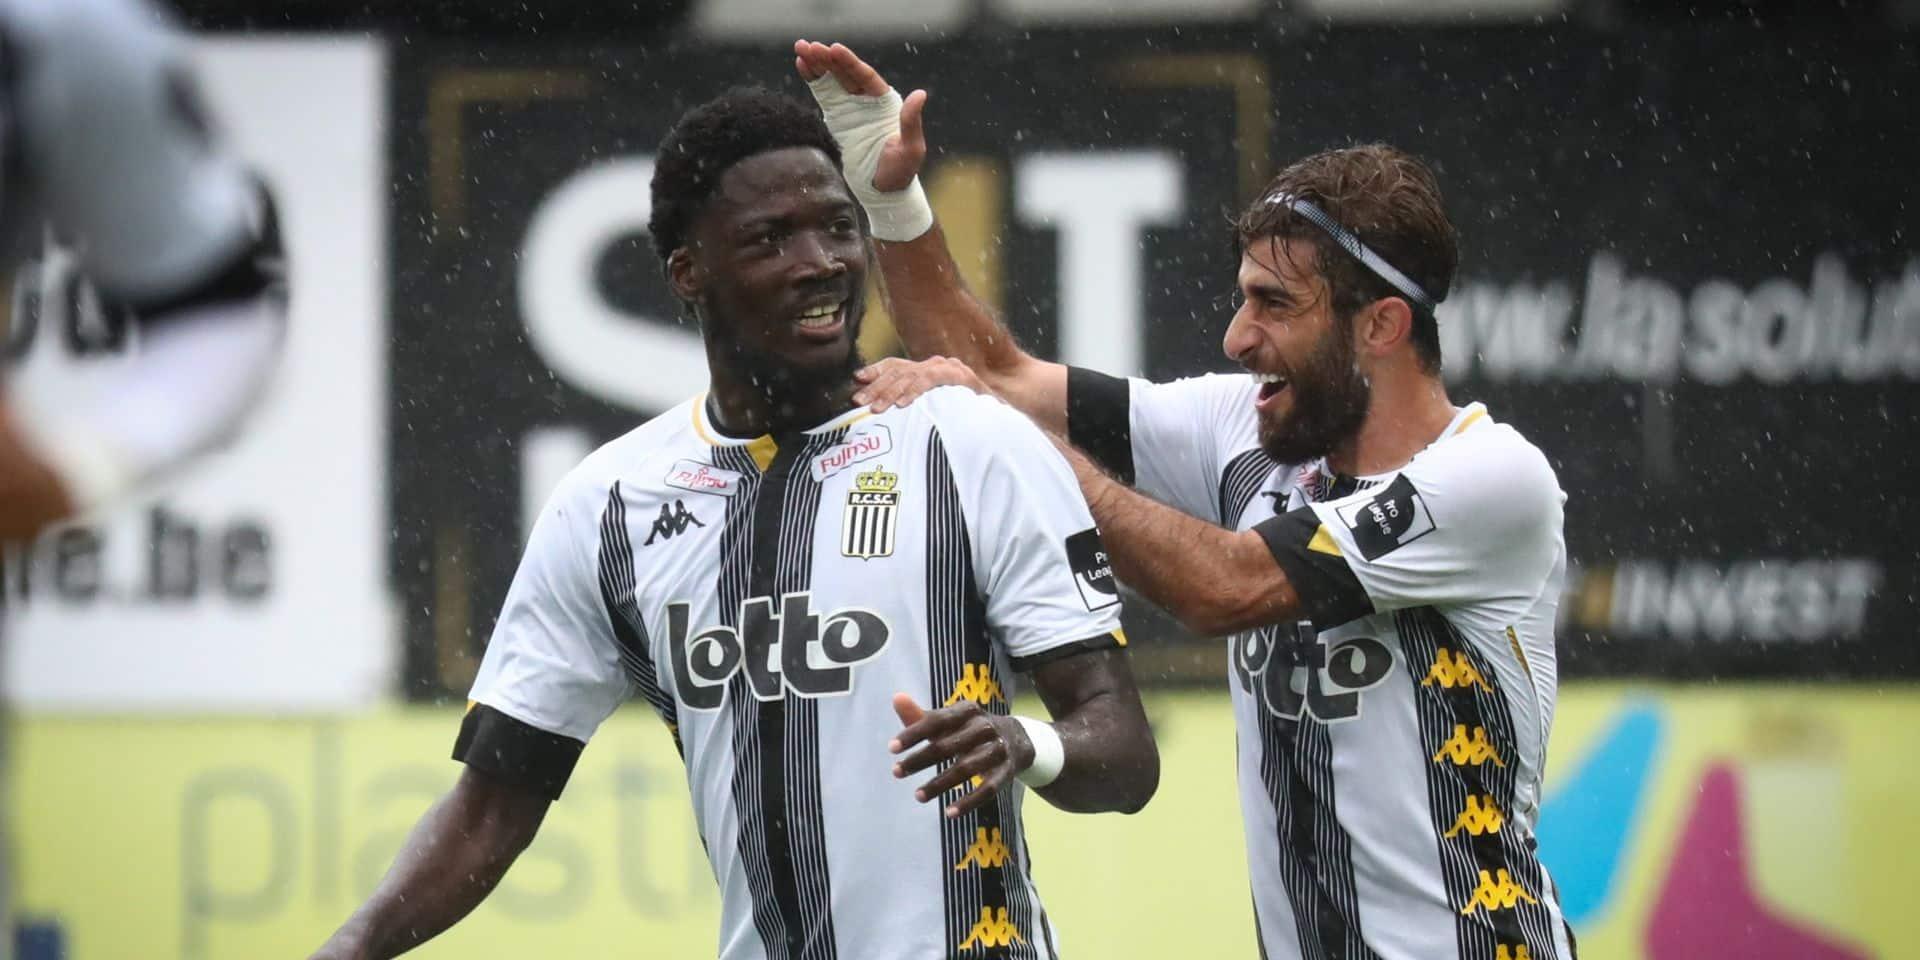 Grâce à un doublé de Nicholson, Charleroi reprend la place de leader et continue son sans-faute (2-0)